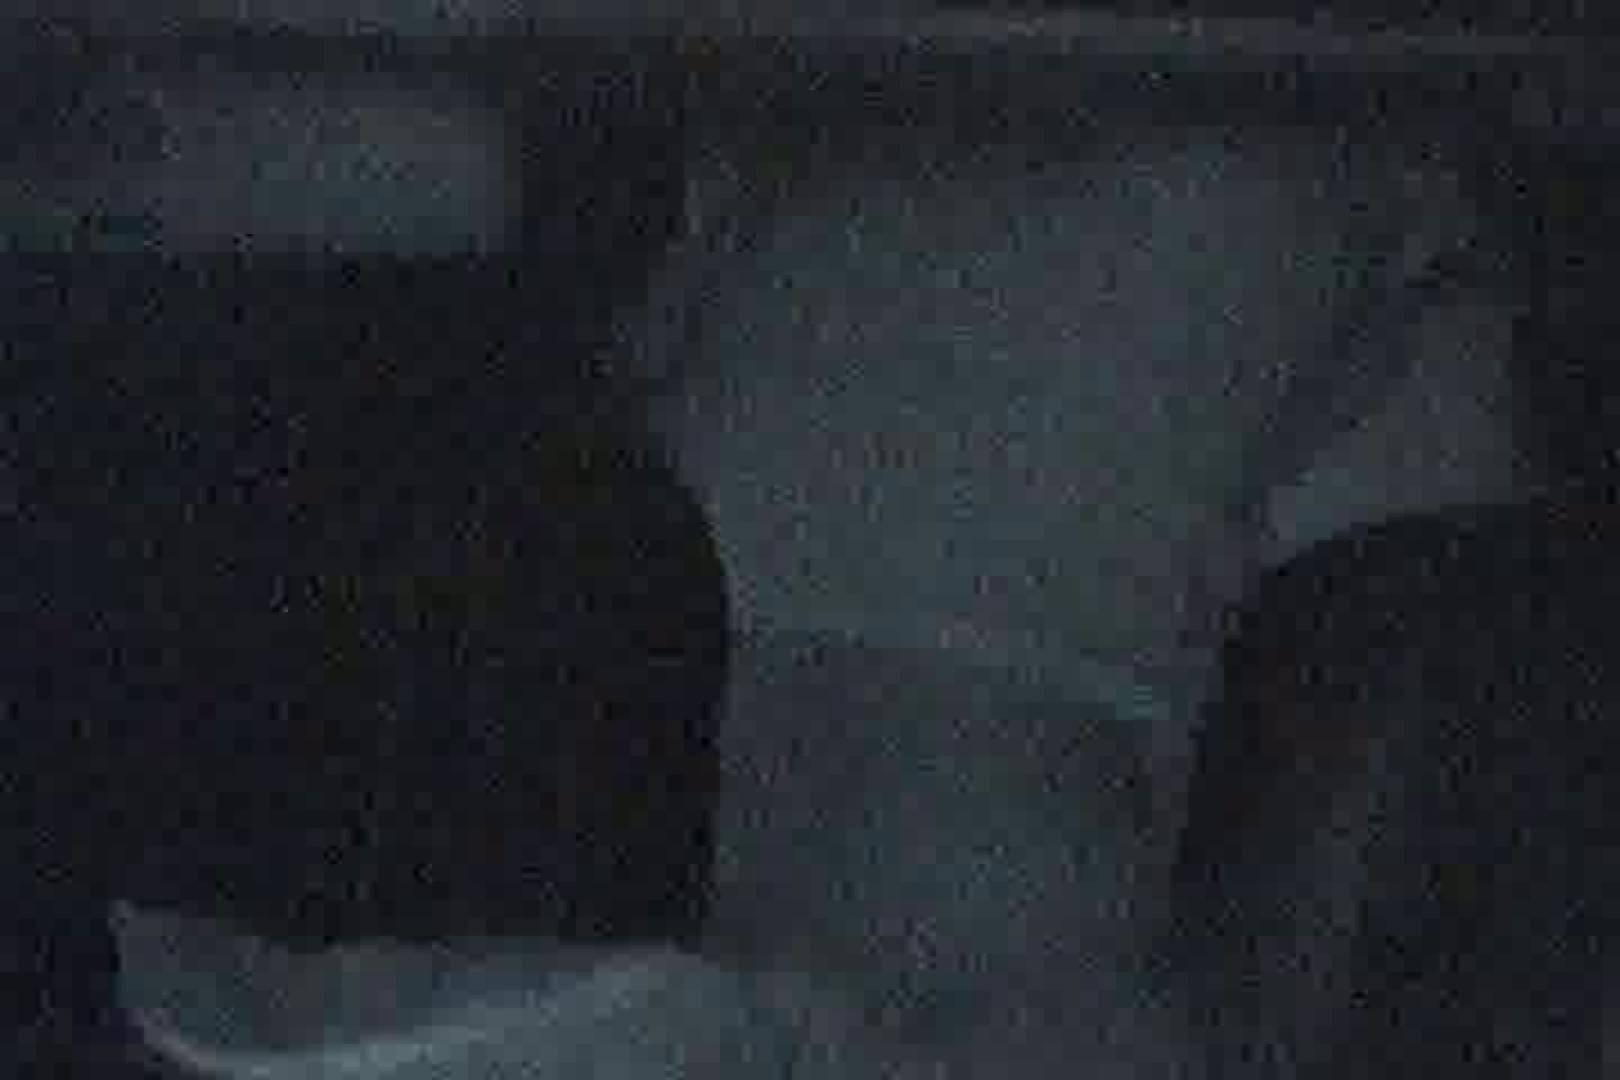 充血監督の深夜の運動会Vol.2 素人  61pic 12